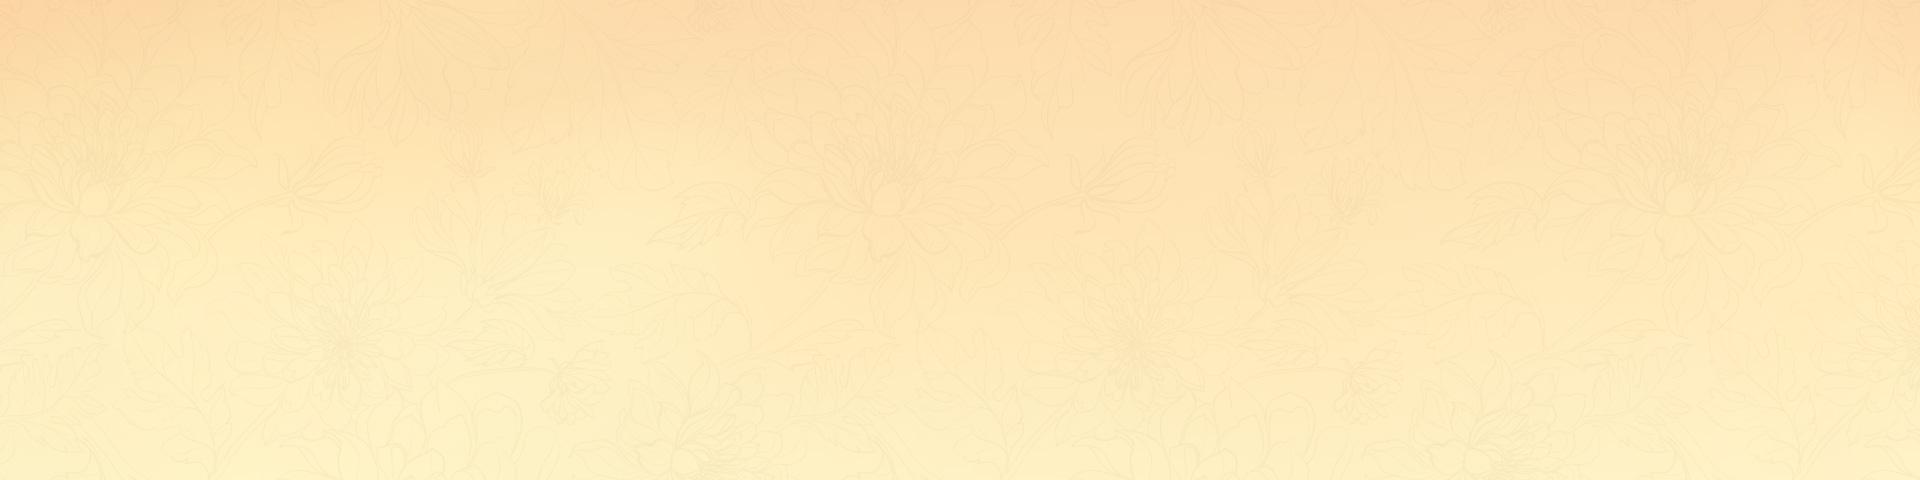 Banner_MLT_ชันสูตรพิสูจน์รัก_1920X480_BG